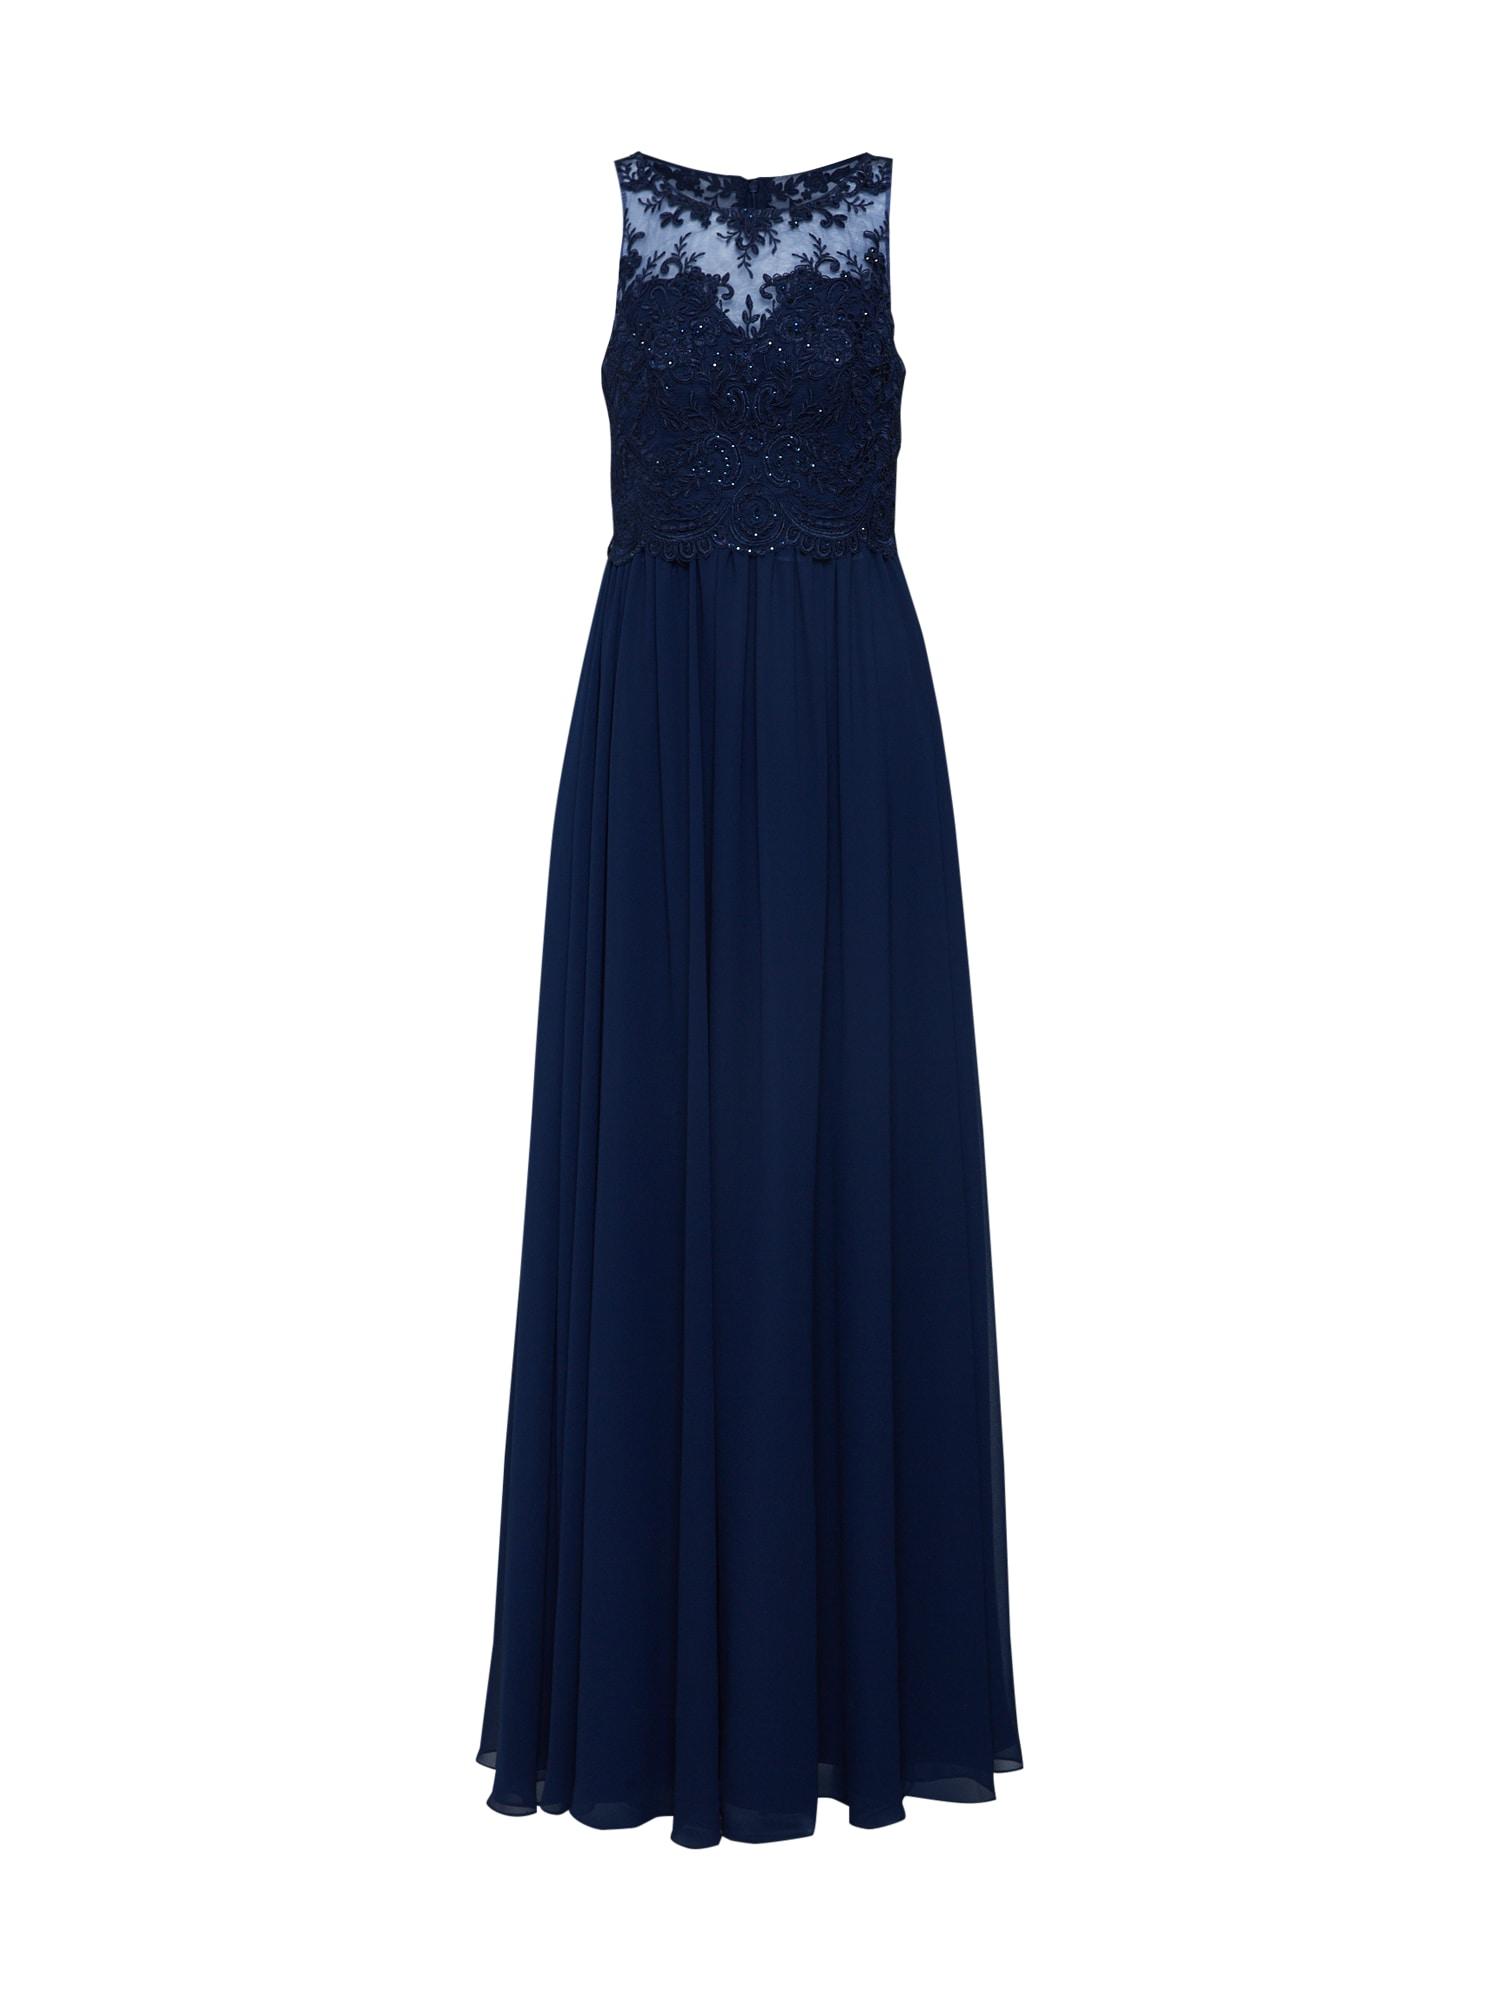 Laona Vakarinė suknelė mėlyna dūmų spalva